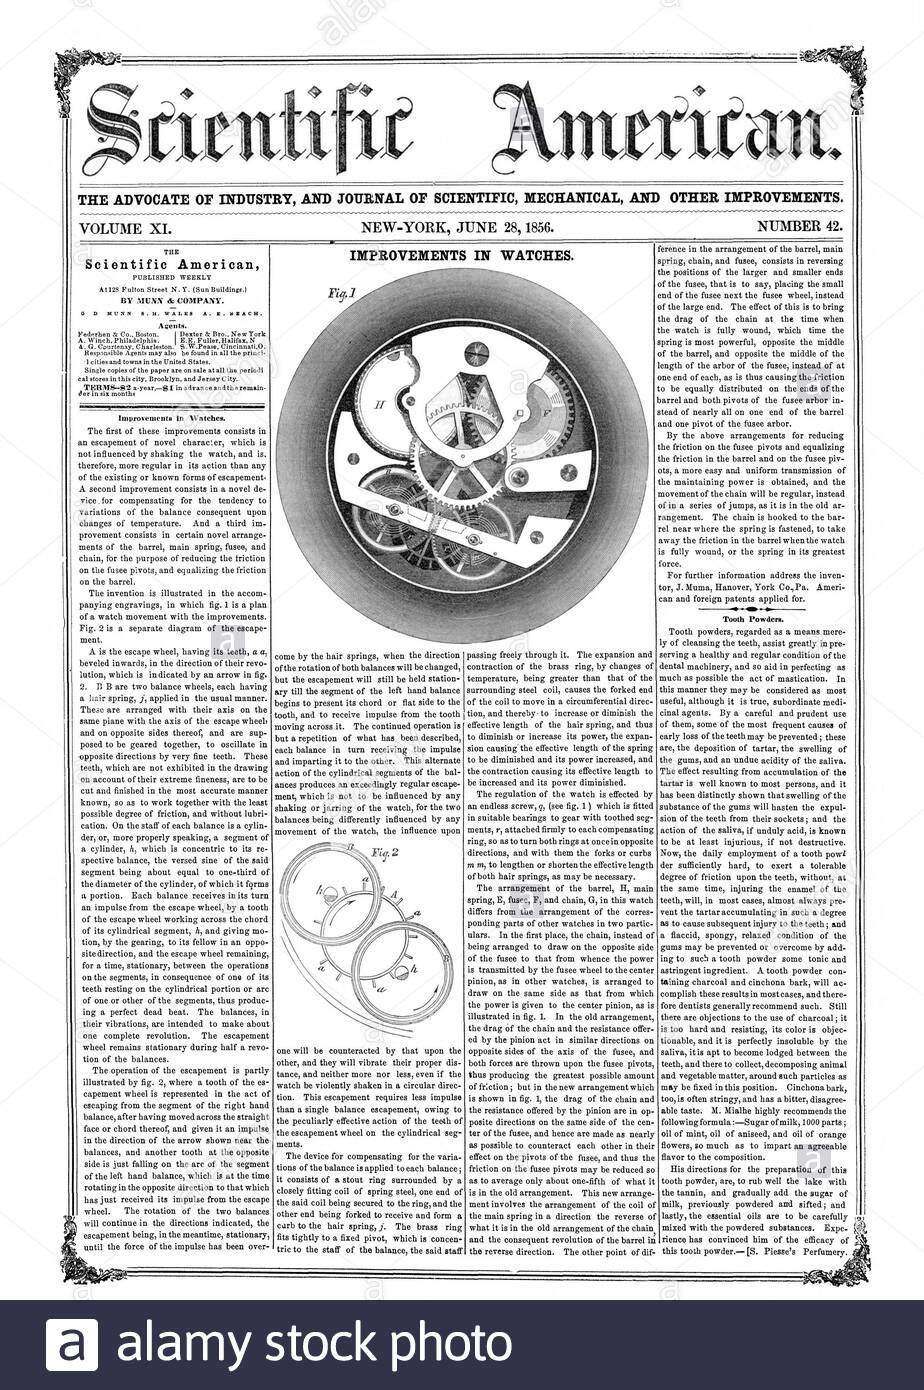 der anwalt der industrie und journal fur mechanische und andere verbesserungen band xi new york vom 28 juni 1856 nummer 42 verbesserungen in der uhren scientific american von munn pany 0d muse s h wales a n strand verbesserungen in wicken zahn pulvern 56 06 28 2abtwgt